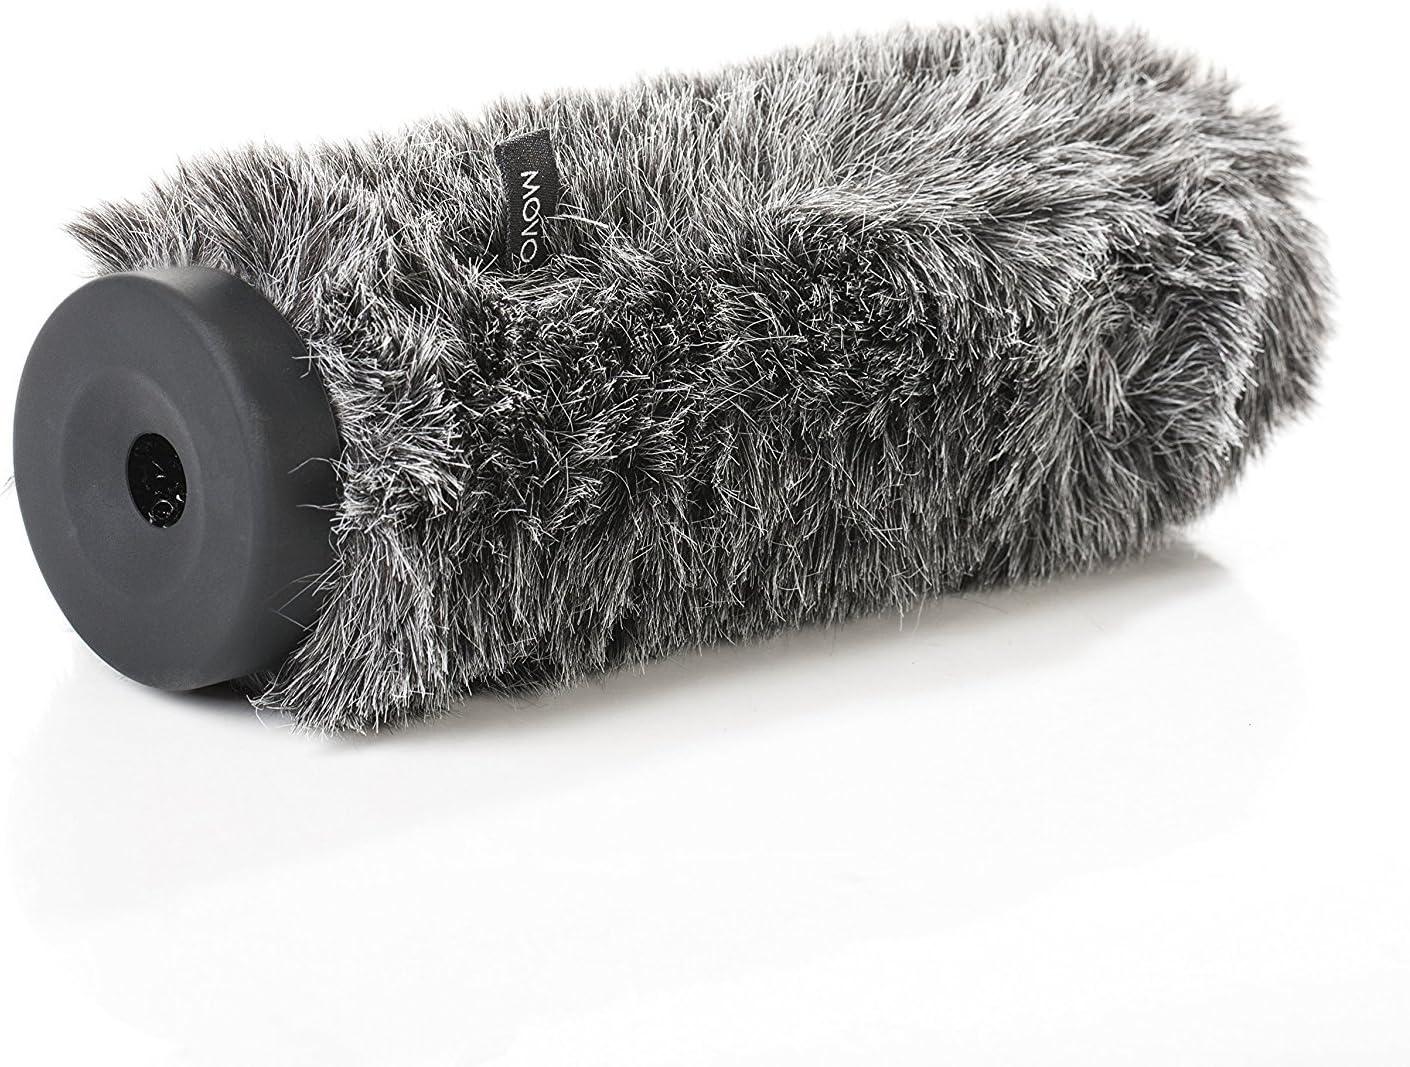 マイク用Movo WS-G300毛皮のような硬質ウインドスクリーン直径18-23mm、最大11.8インチ(30cm)まで - ダークグレー